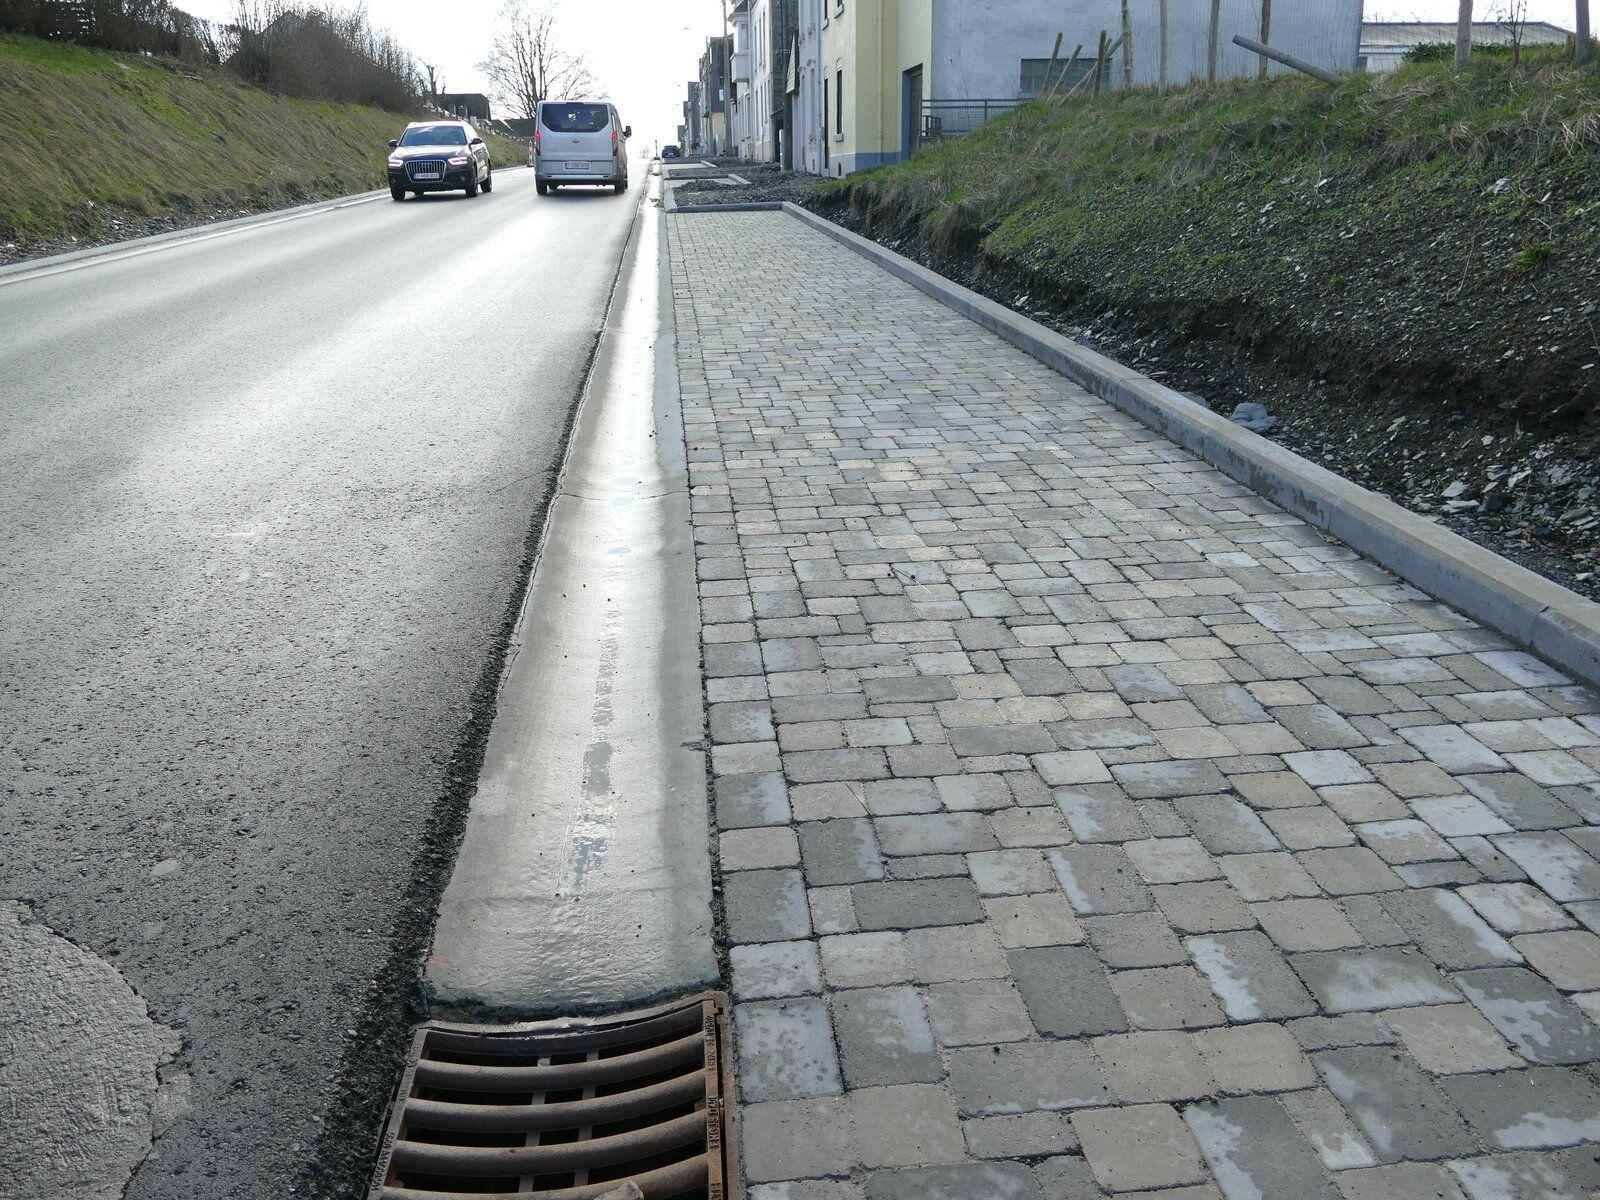 Une avenue dangereuse pour les usagers faibles.